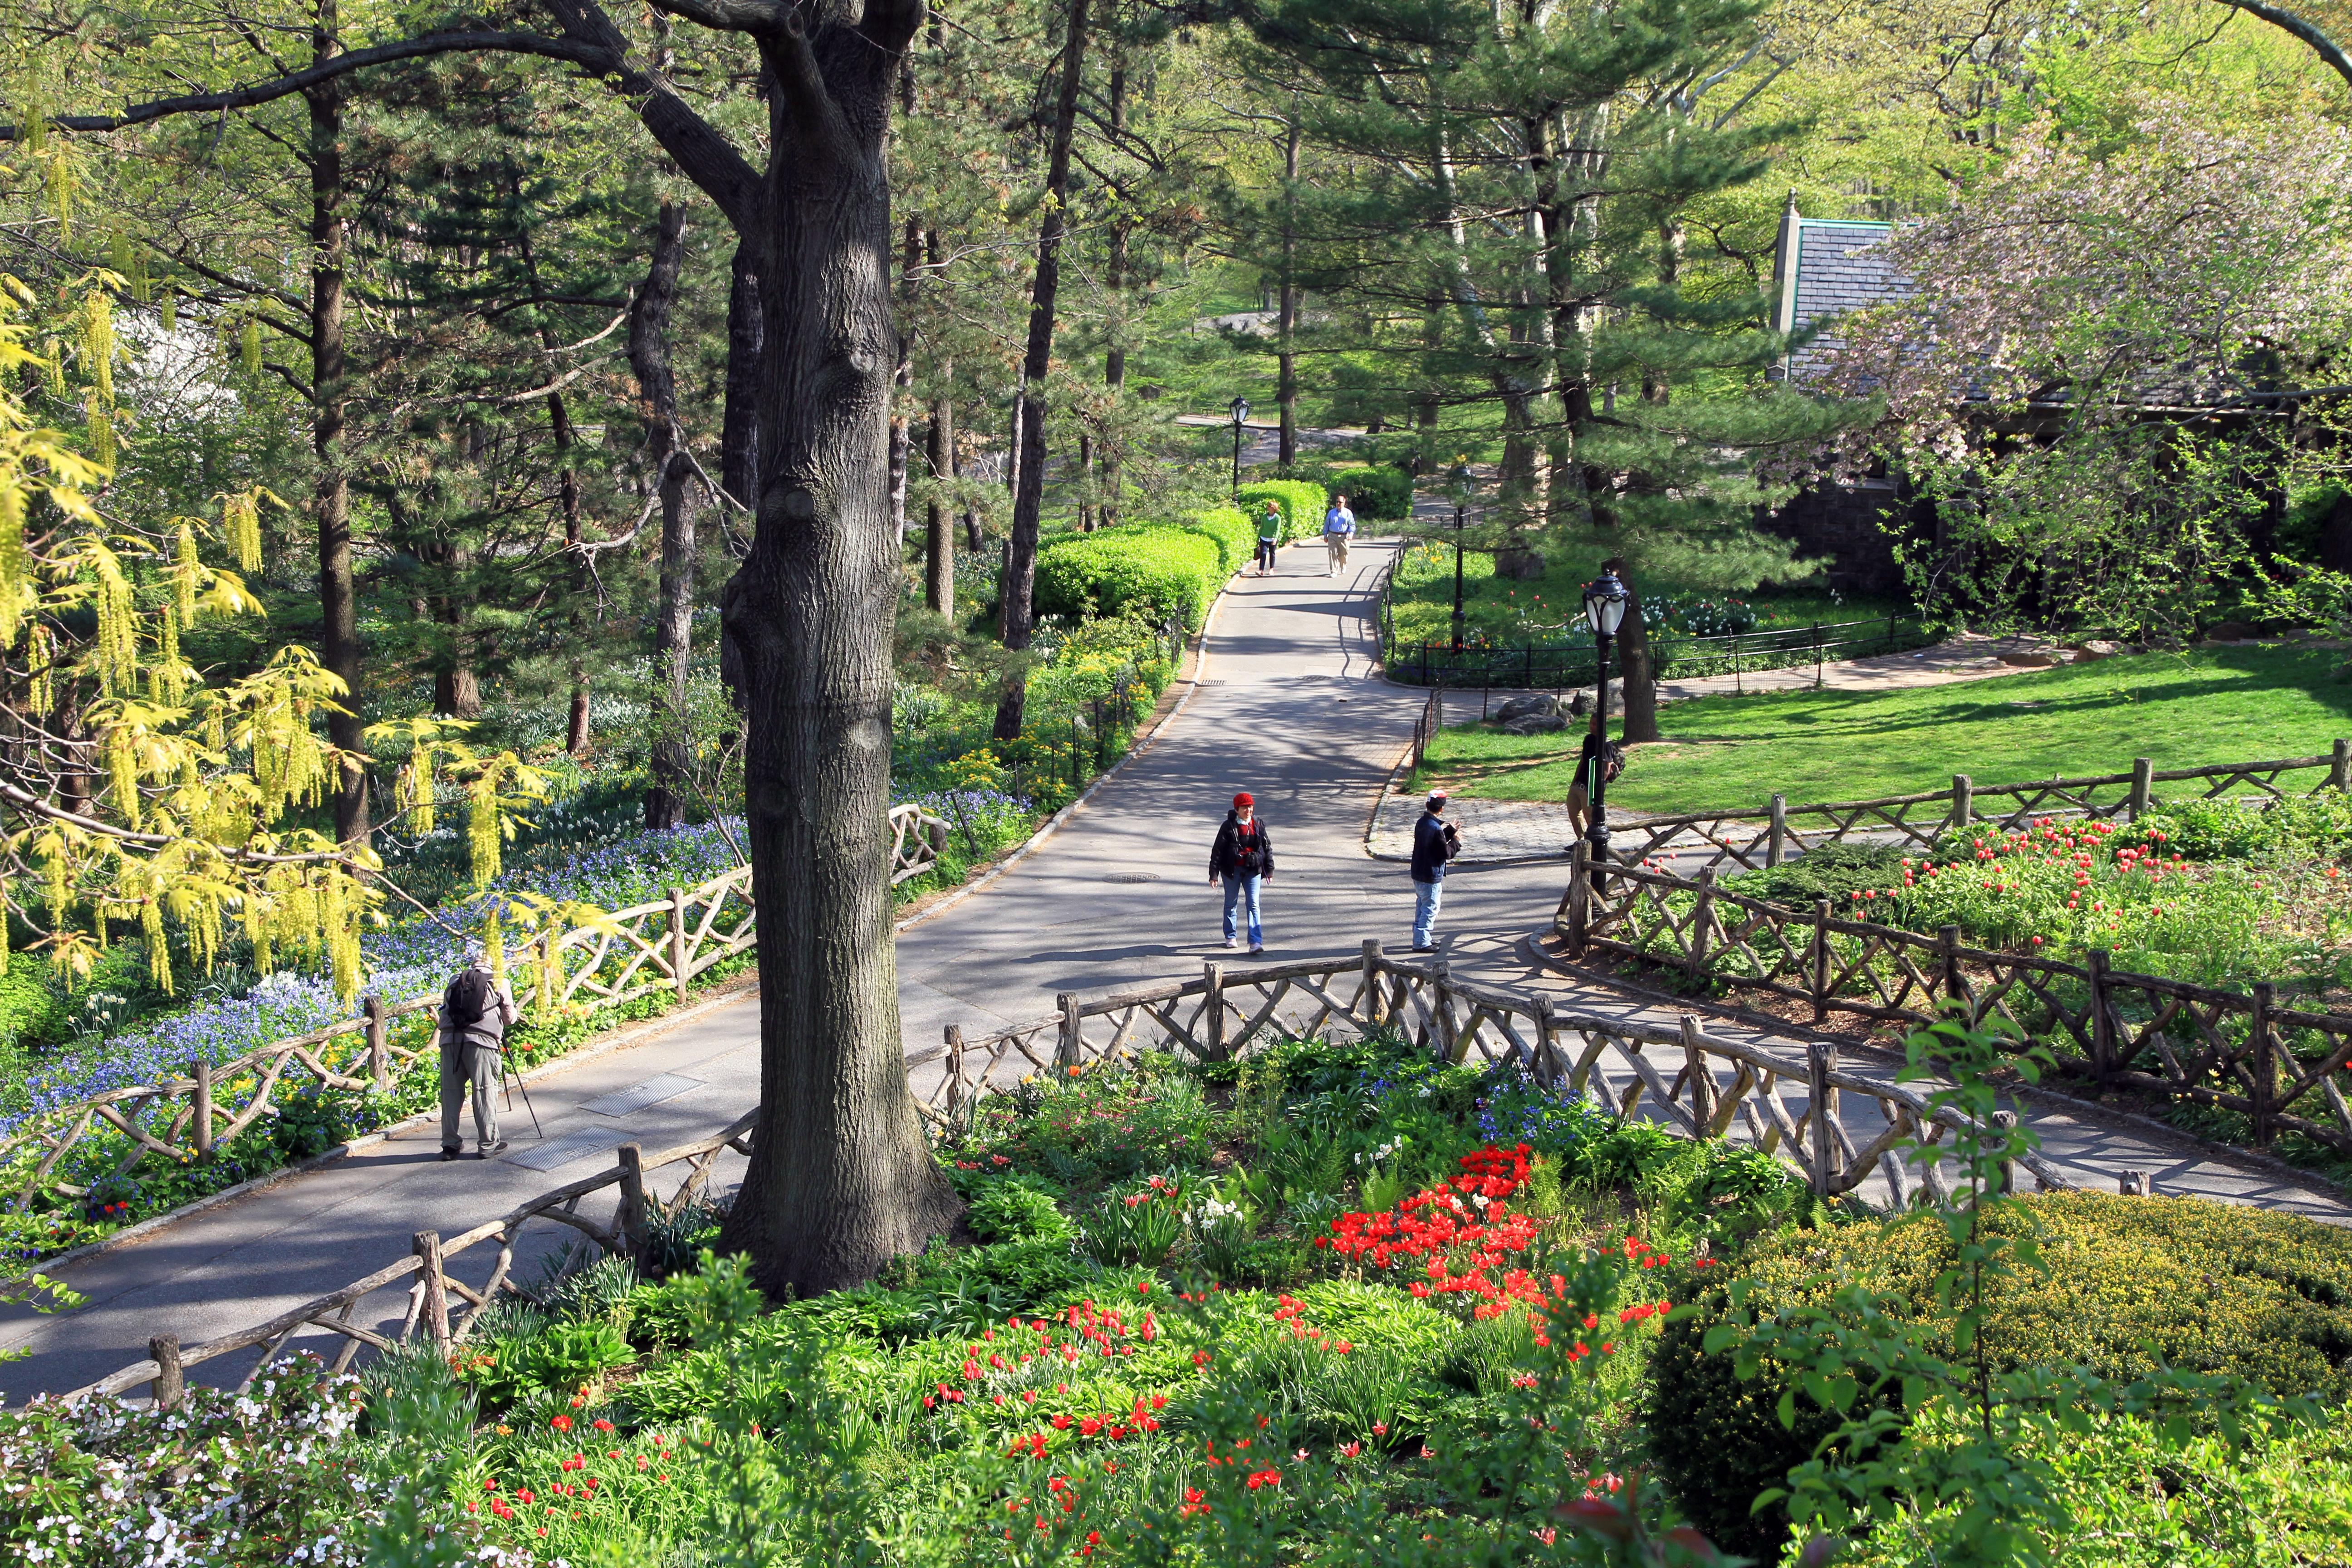 fileusa nyc central park shakespeare garden0jpg - Shakespeare Garden Central Park